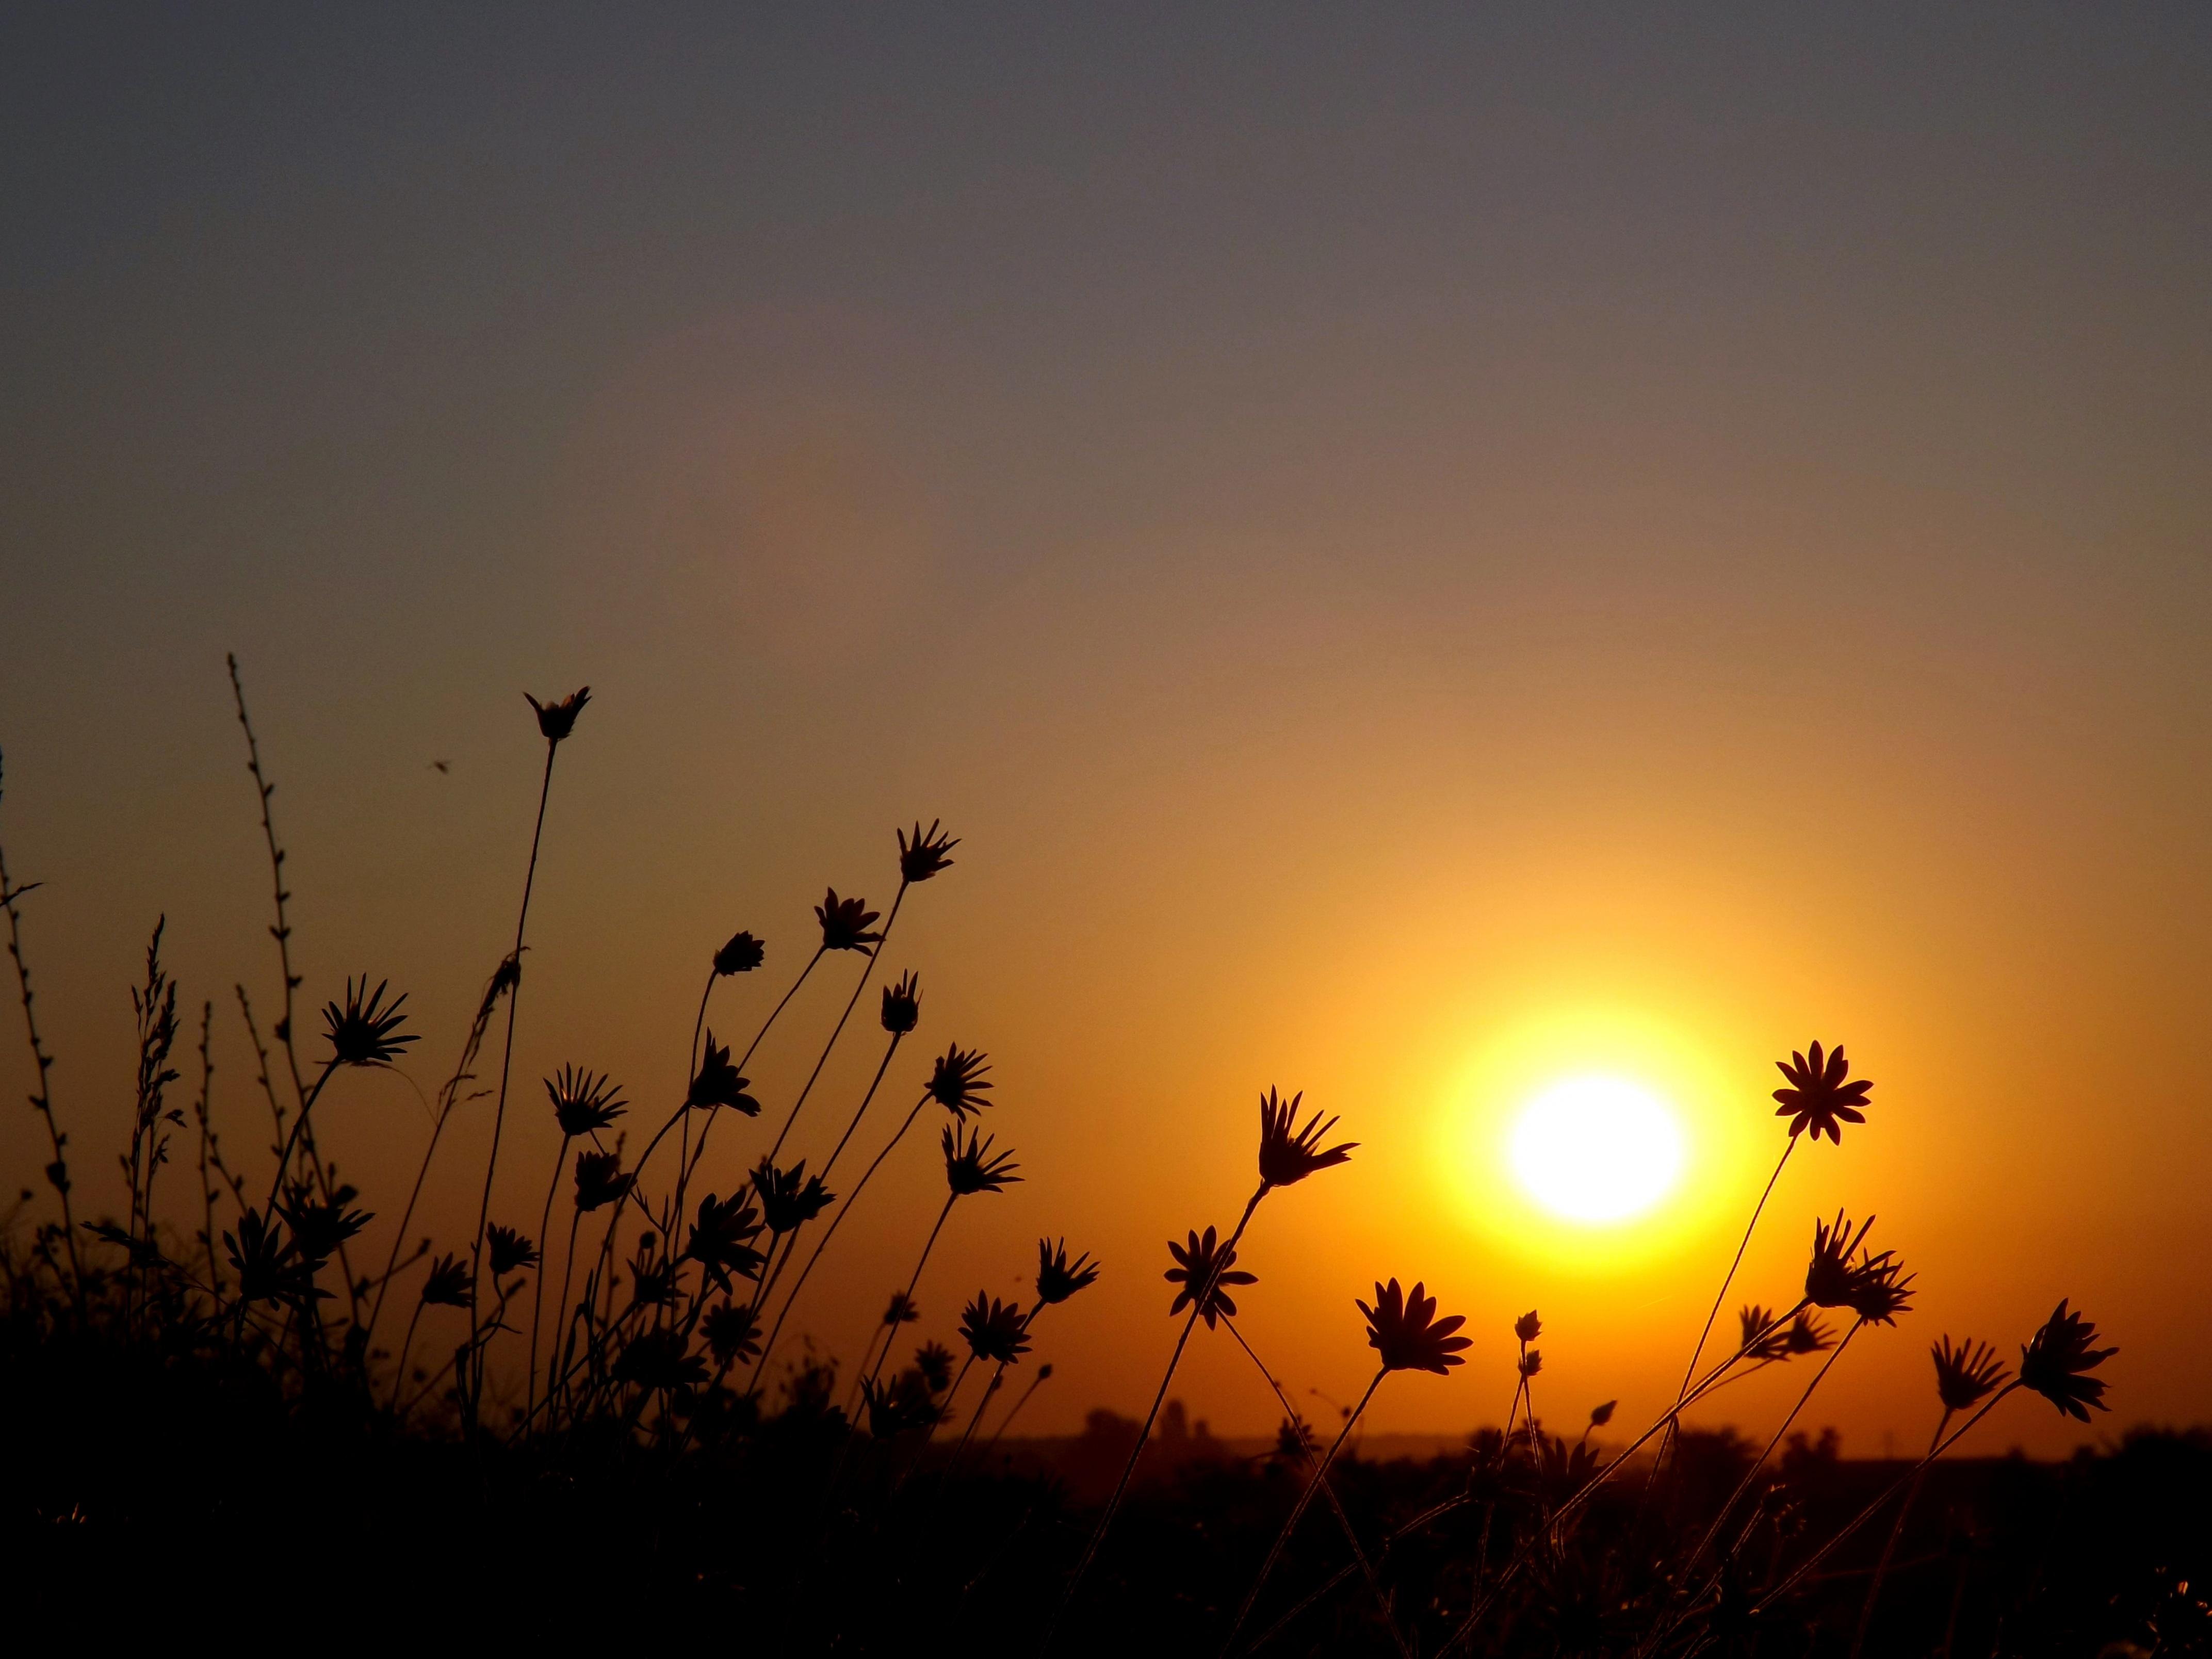 images gratuites paysage la nature horizon nuage ciel soleil lever du soleil le coucher. Black Bedroom Furniture Sets. Home Design Ideas